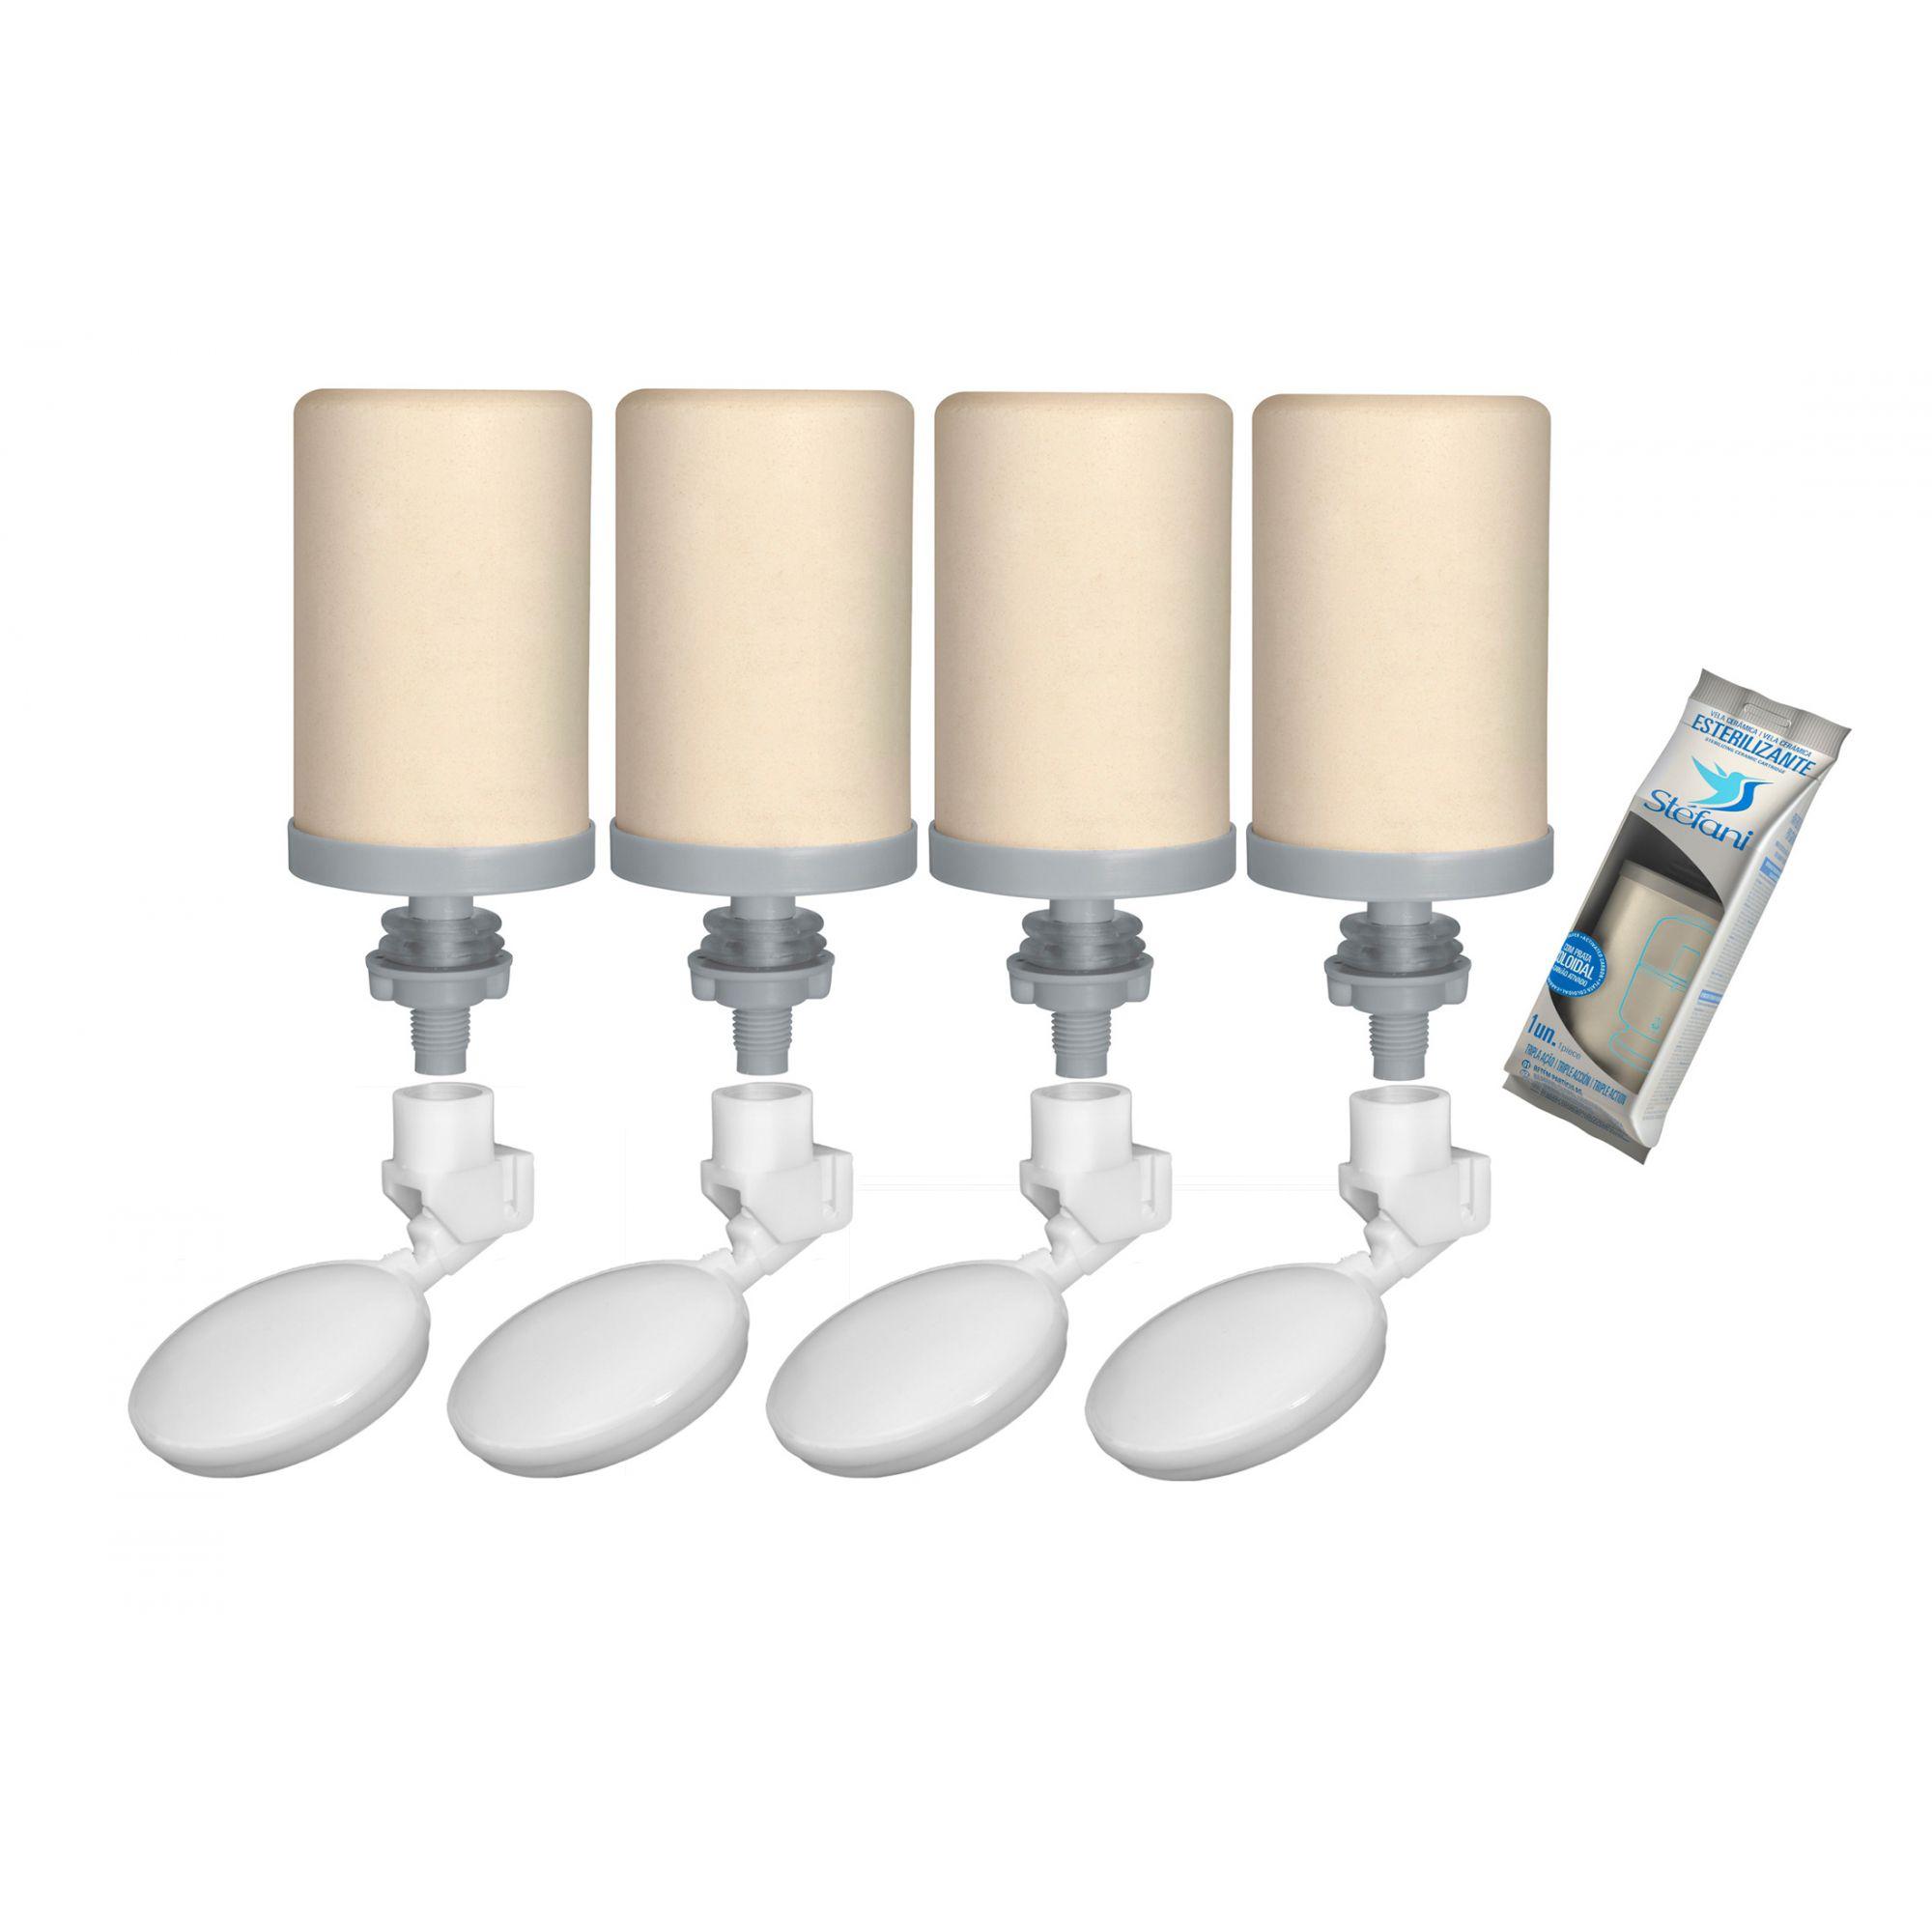 Vela para Filtro de Barro Stefani Tripla Ação 04 unidades e 04 Boias  - CN Distribuidora